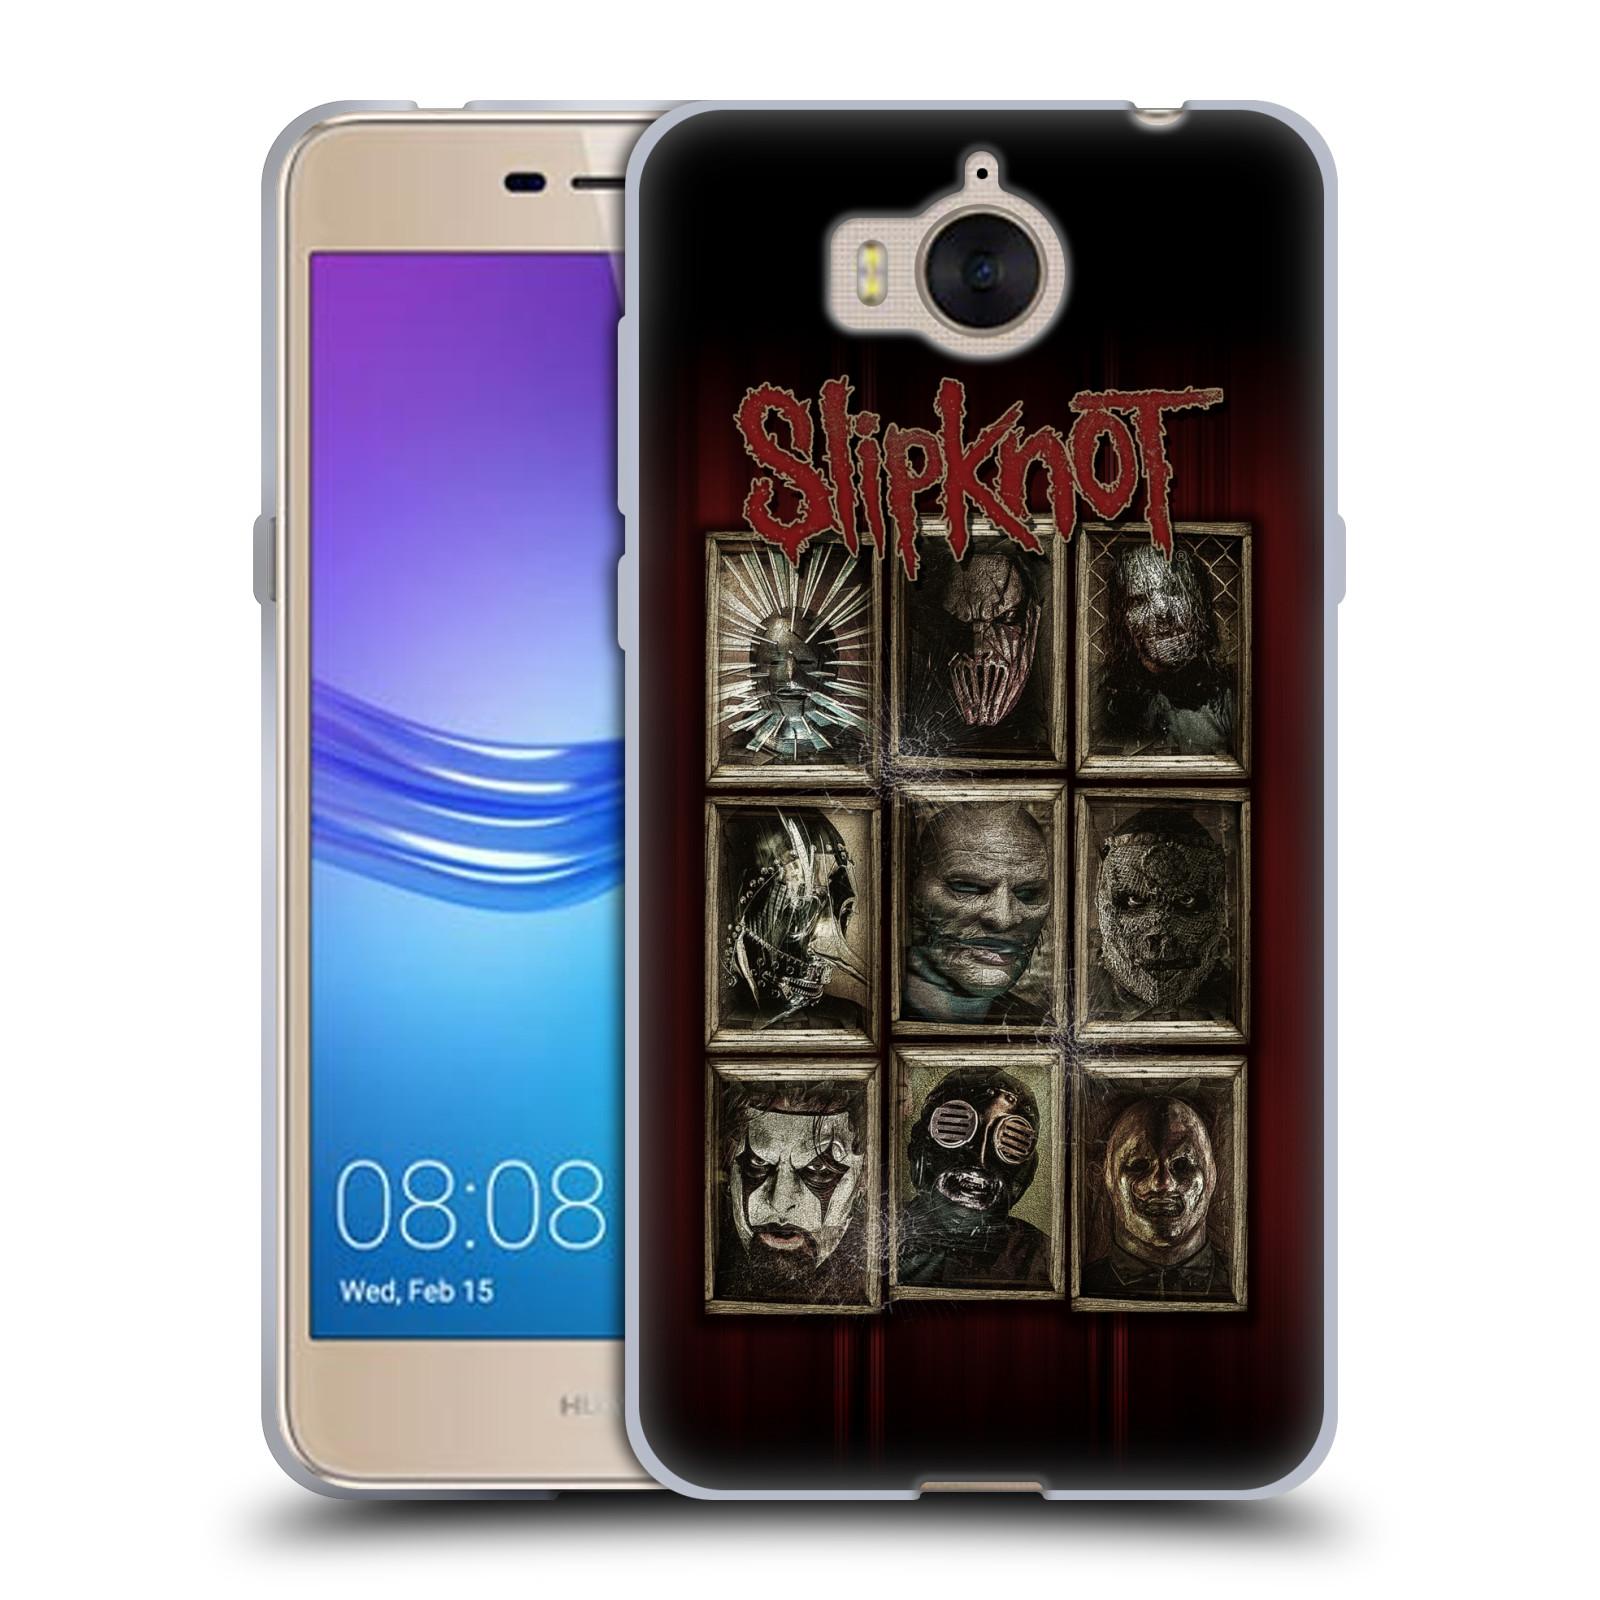 Silikonové pouzdro na mobil Huawei Y6 2017 - Head Case - Slipknot - Masky (Silikonový kryt či obal na mobilní telefon Huawei Y6 (2017) s motivem Slipknot - Masky)